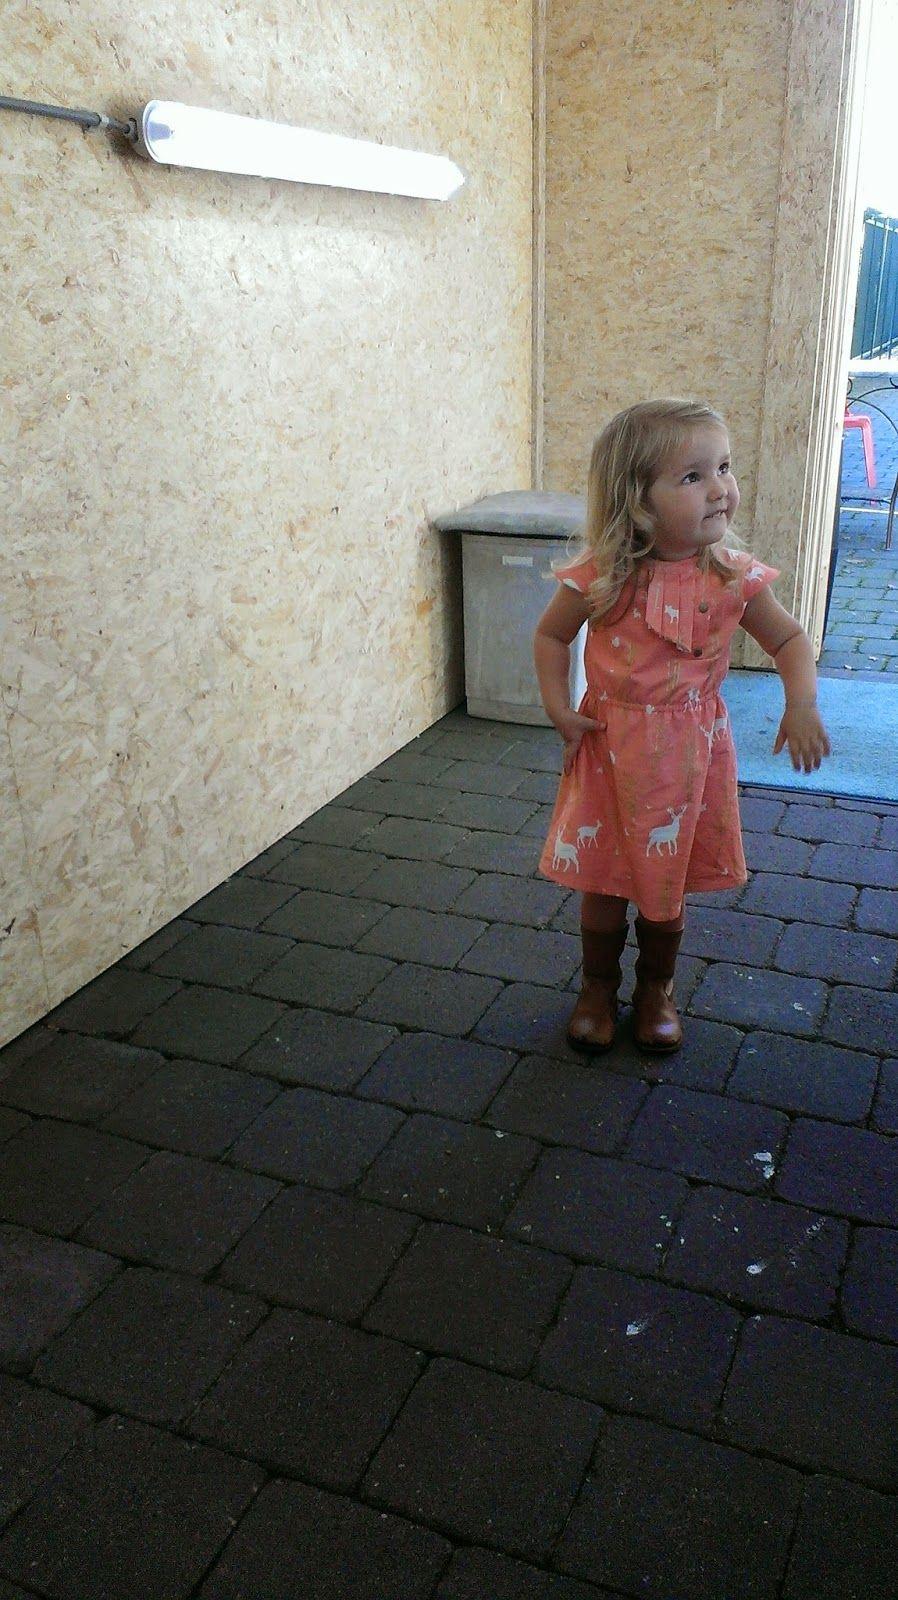 KaatjeNaaisels: Hiep hiep hoera! Hanne is 3 jaar!